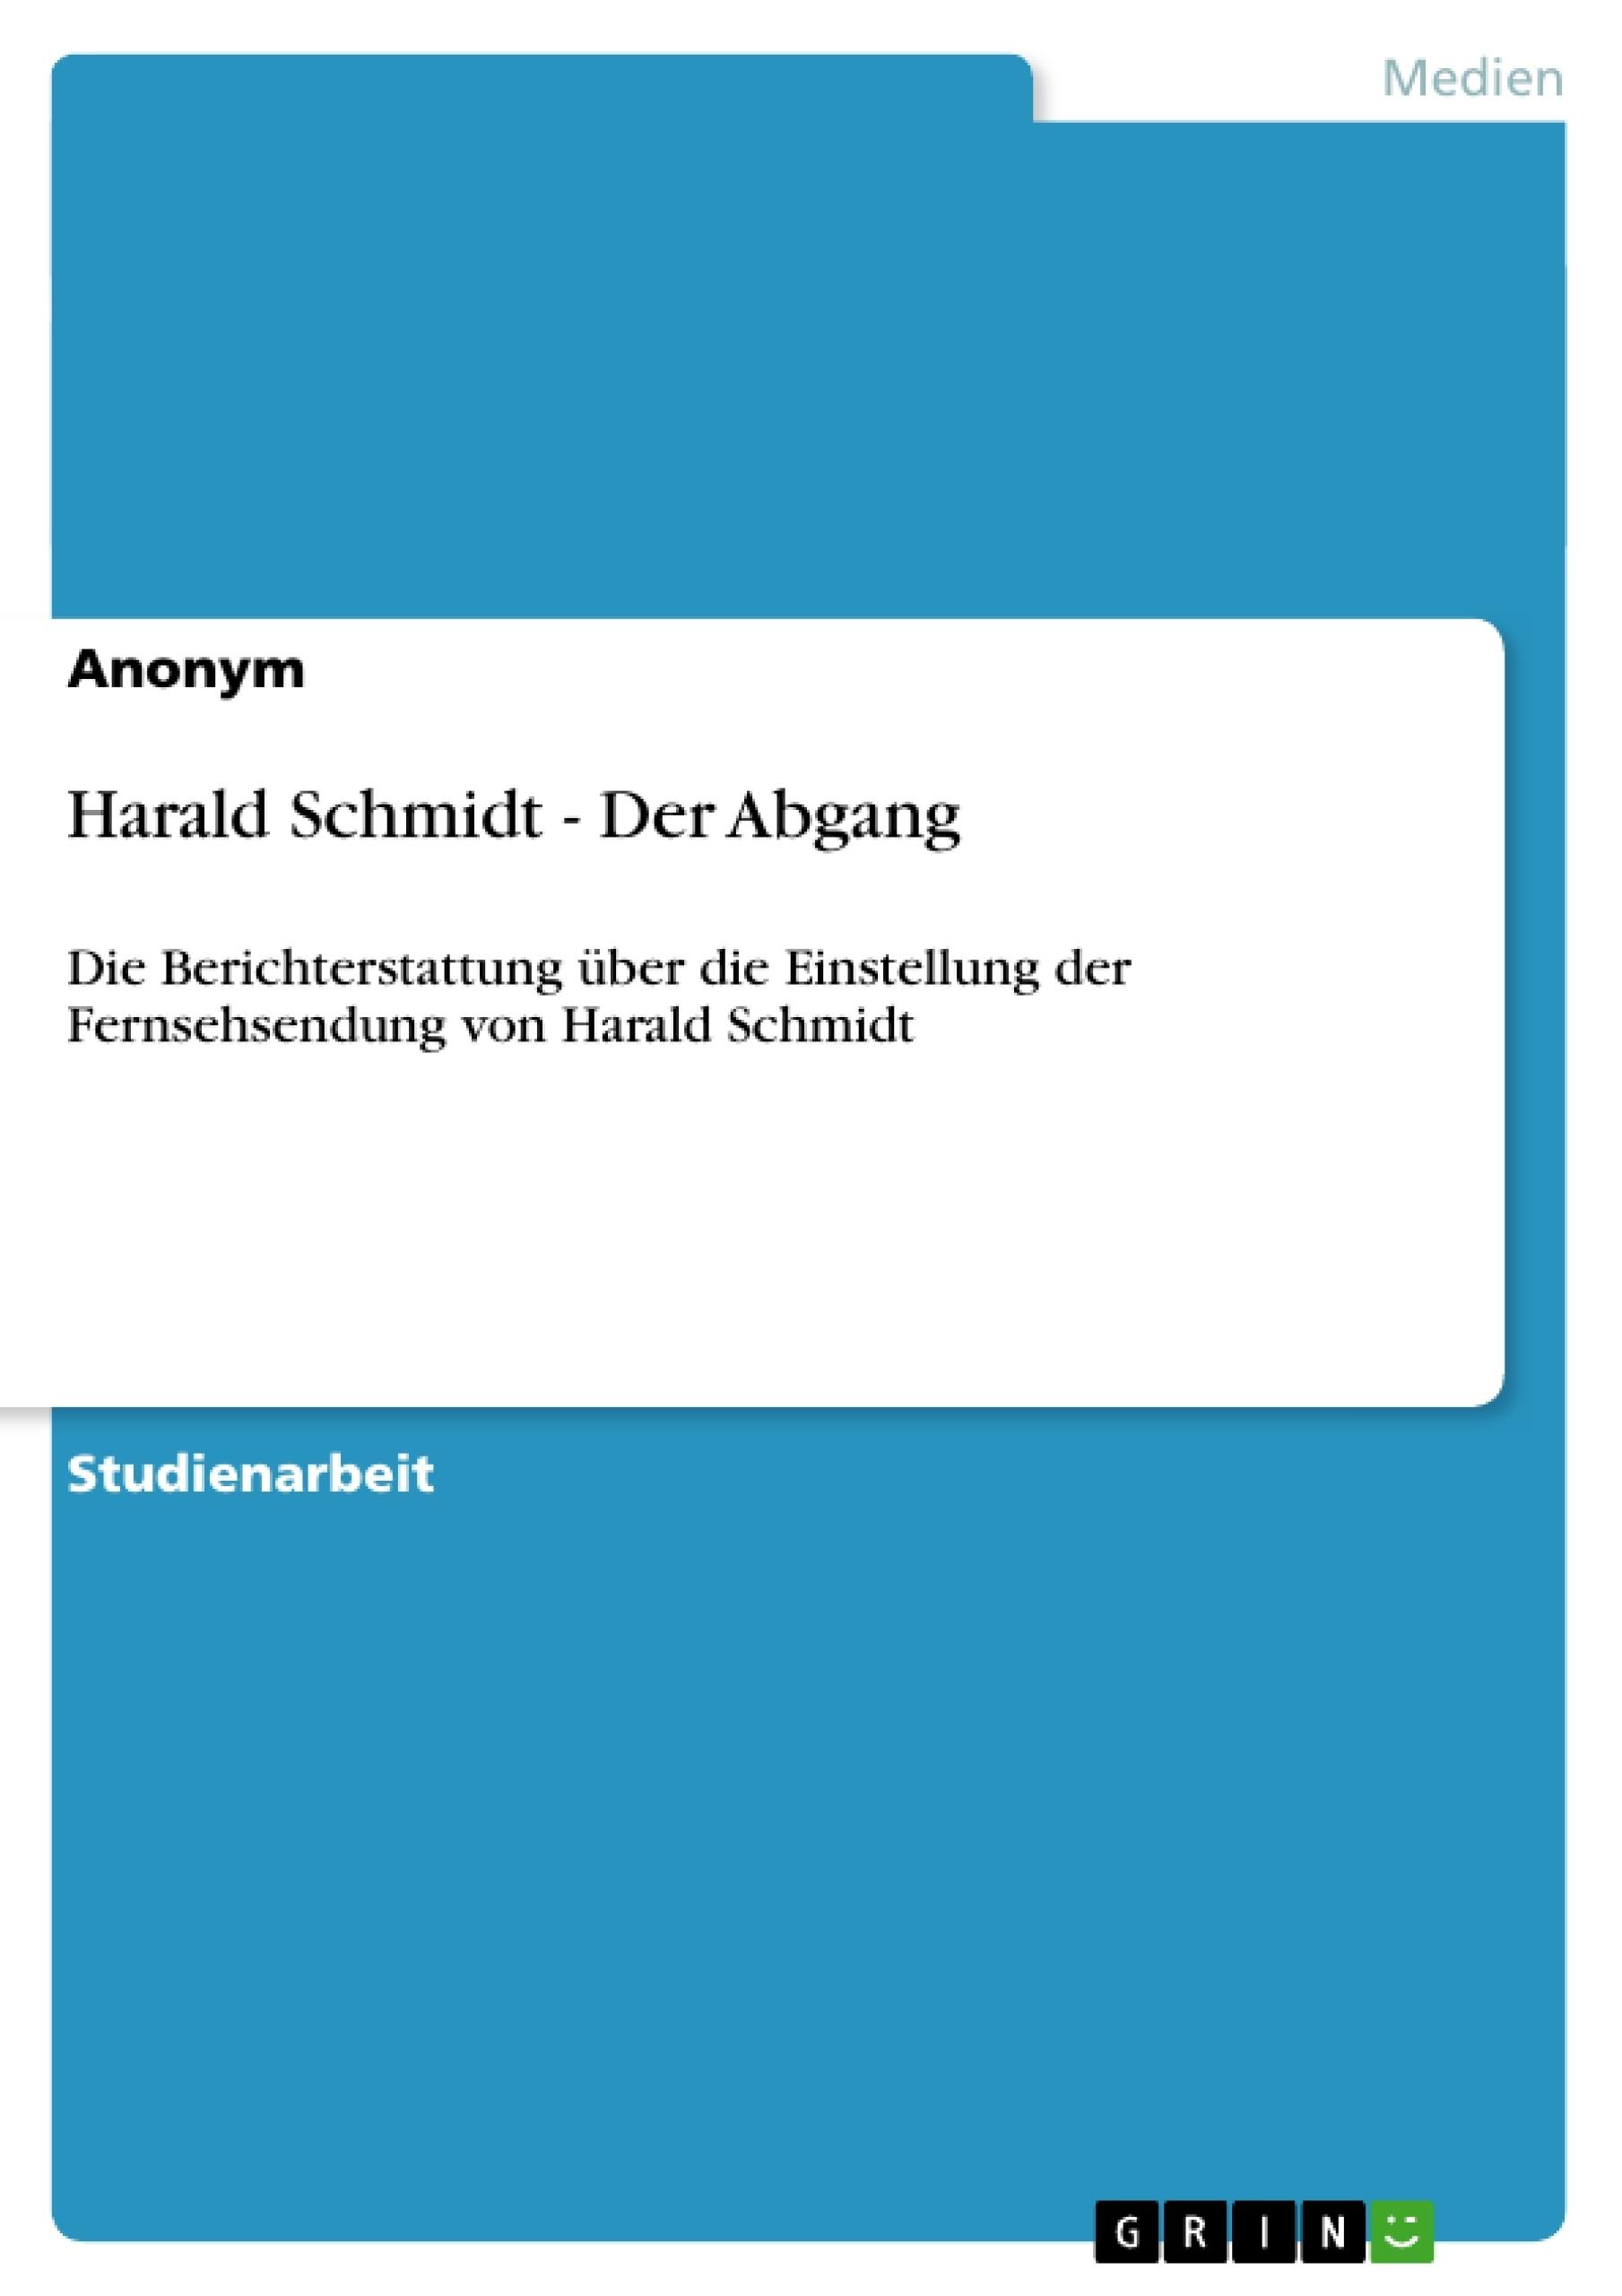 Titel: Harald Schmidt - Der Abgang